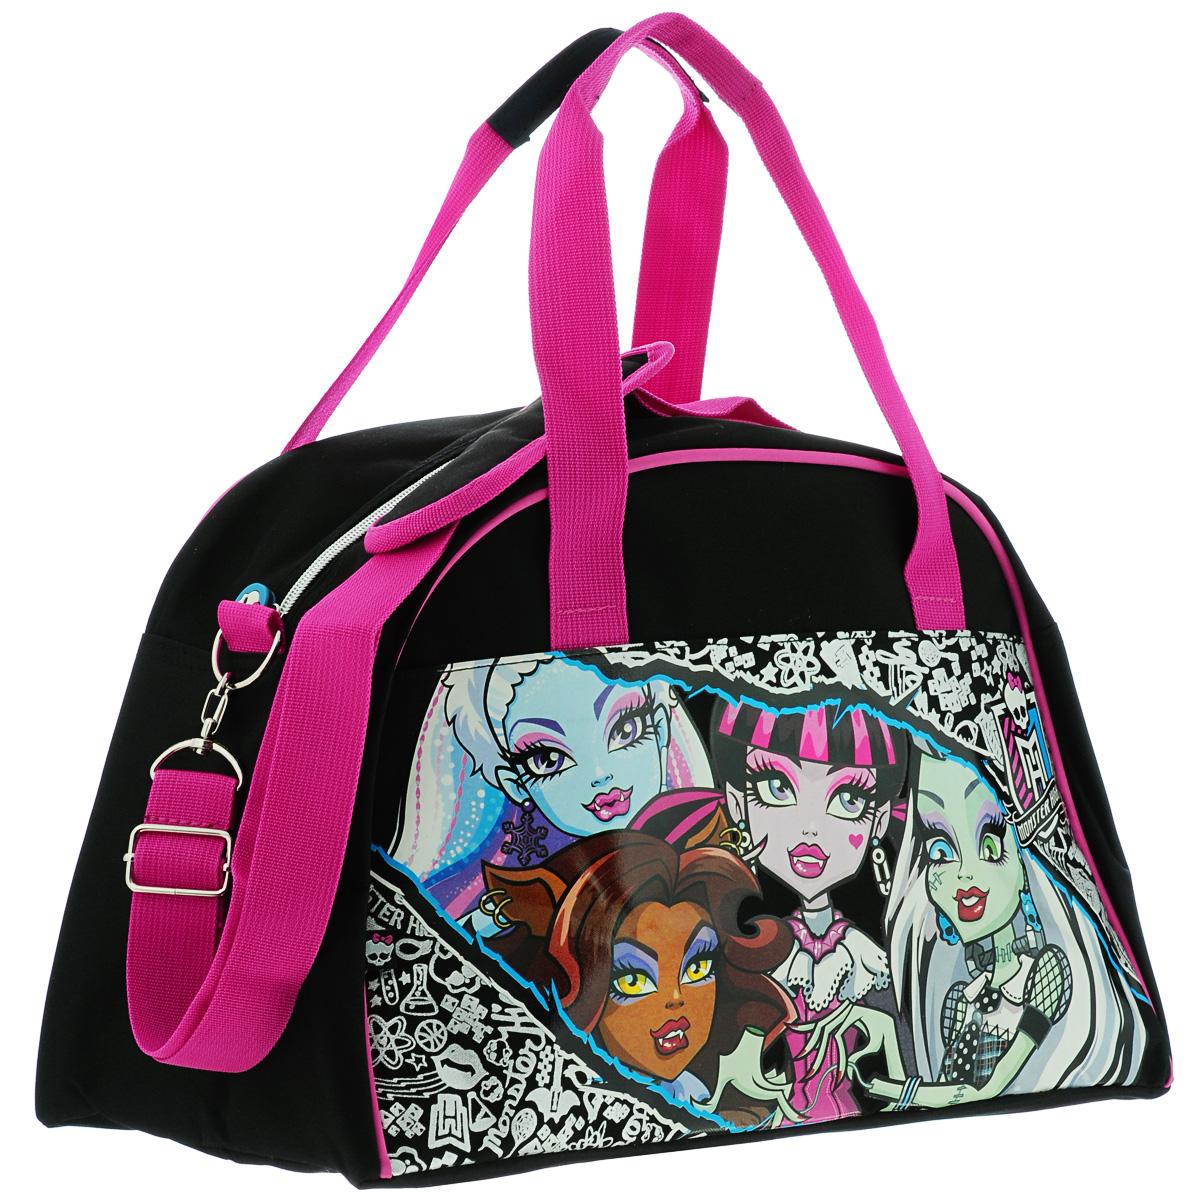 Monster High Сумка спортивная детская цвет черный розовыйMHAA-UT1-3452Детская спортивная сумка Monster High придется по вкусу любой активной девочке, посещающей спортзал или спортивные секции. Сумка изготовлена из высококачественного износостойкого полиэстера и оформлена оригинальным глянцевым изображением персонажей мультсериала Monster High. Сумка состоит из одного вместительного отделения, закрывается на застежку-молнию. Внутри располагается небольшой пришивной карман на застежке-молнии. Сумка снабжена удобными ручками для переноски, а также регулирующимся по длине съемным плечевым ремнем с мягкой накладкой. Сумка очень просторная, в ней без труда поместится спортивная форма или сменная одежда. Спортивная сумка - незаменимый аксессуар для юного спортсмена, который сочетает в себе практичность и оригинальный дизайн. Удобная и красочная сумка сделает посещение спортивных секций еще более приятным занятием. Порадуйте свою малышку таким замечательным подарком!